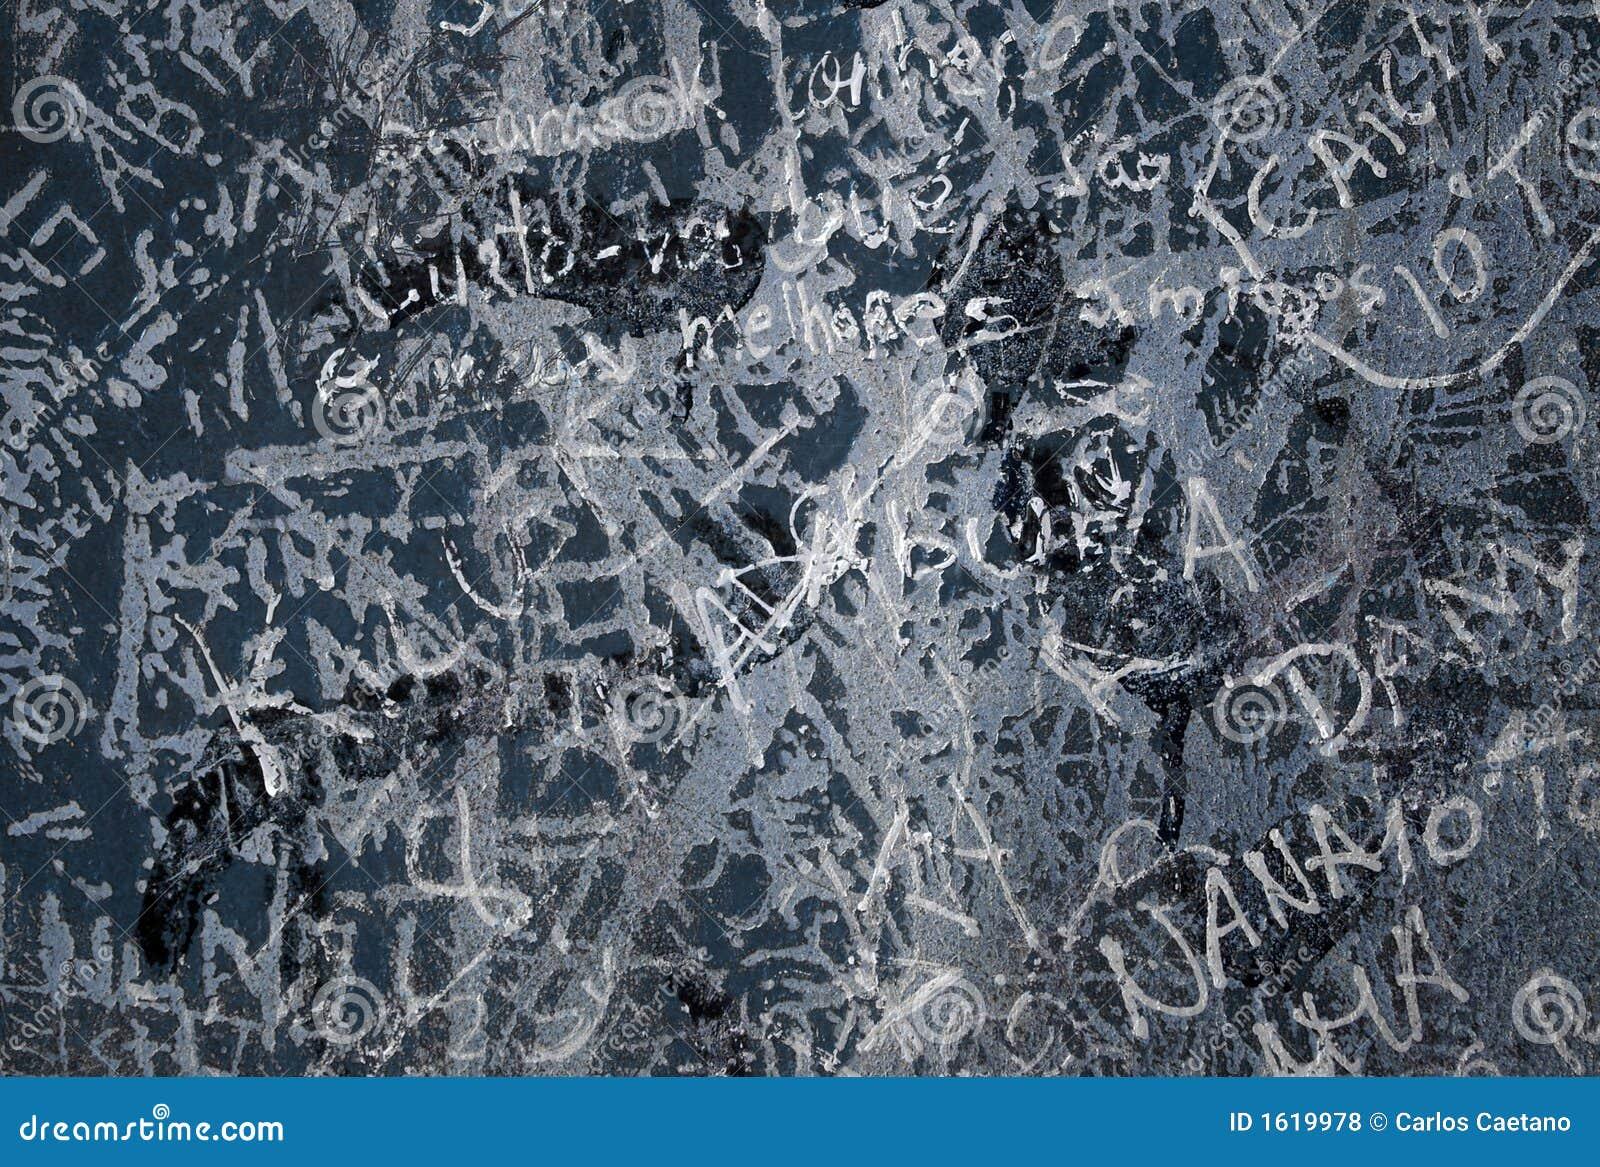 Grunge Background I